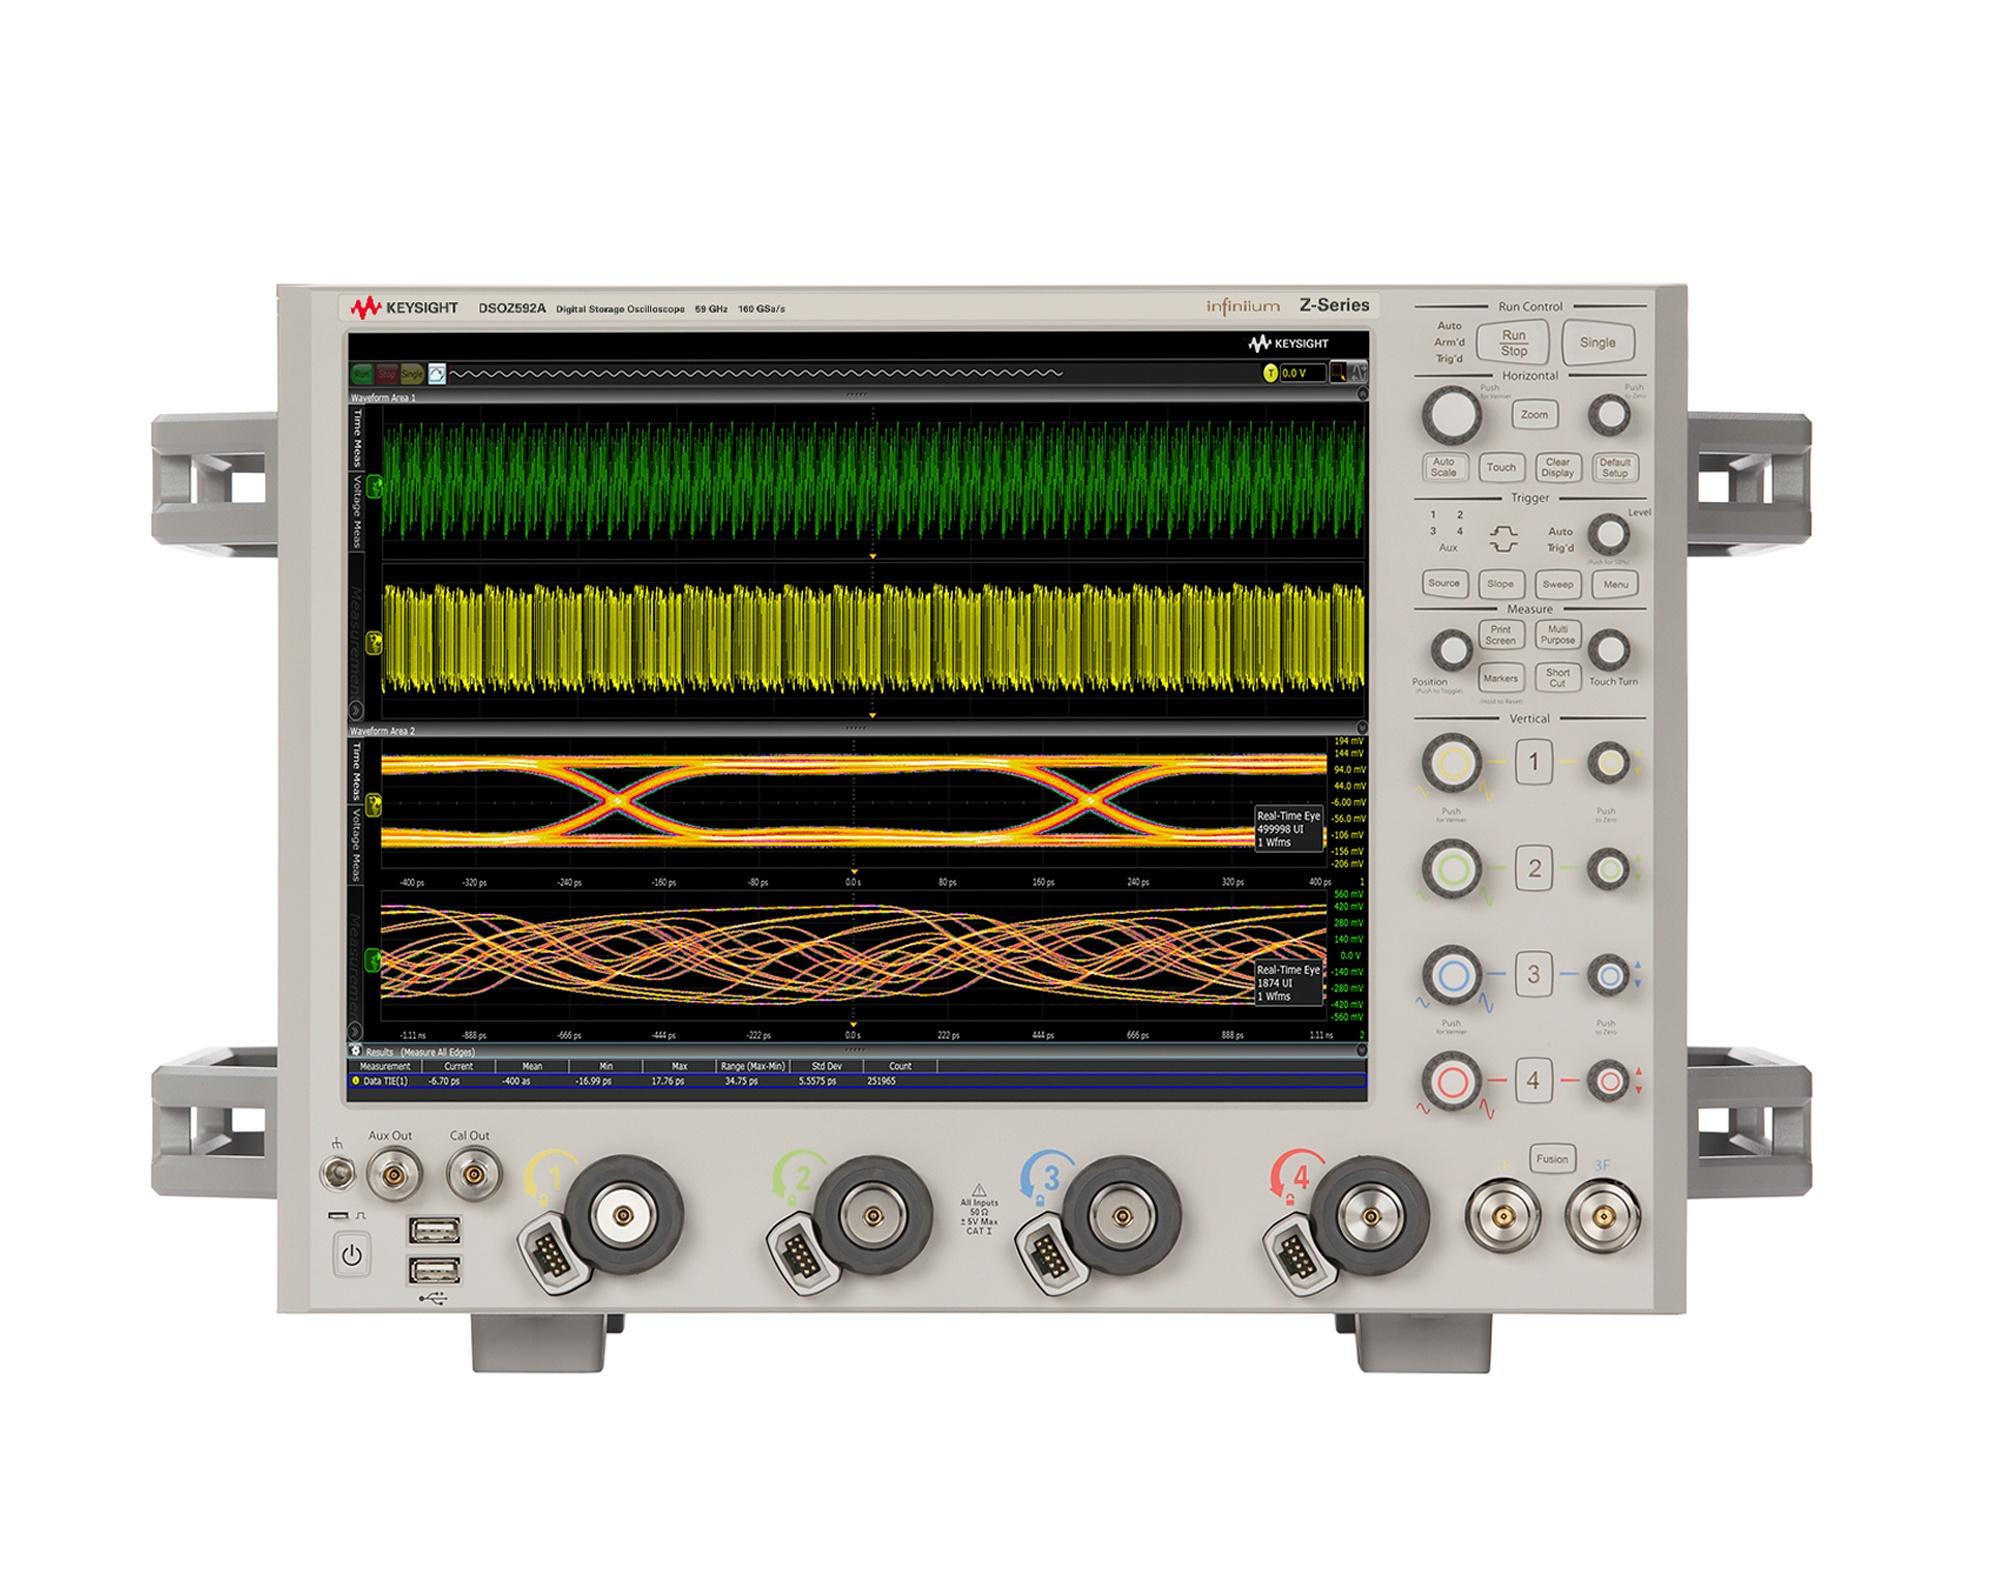 DSOZ592A Infiniium Osiloskop: 59 GHz